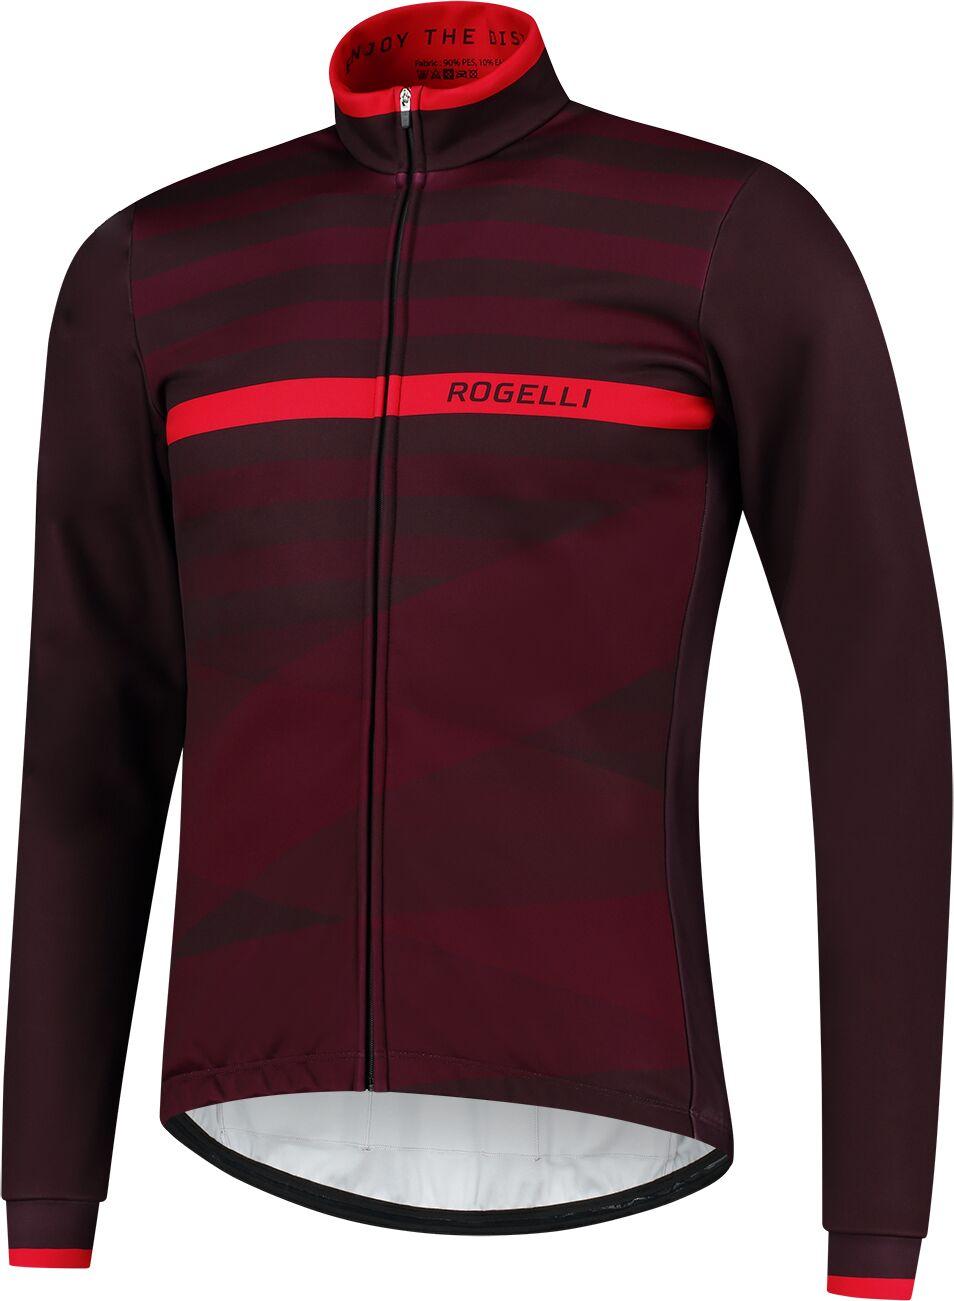 ROGELLI kurtka rowerowa zimowa STRIPE claret ROG351042 Rozmiar: 2XL,SROG351042.S